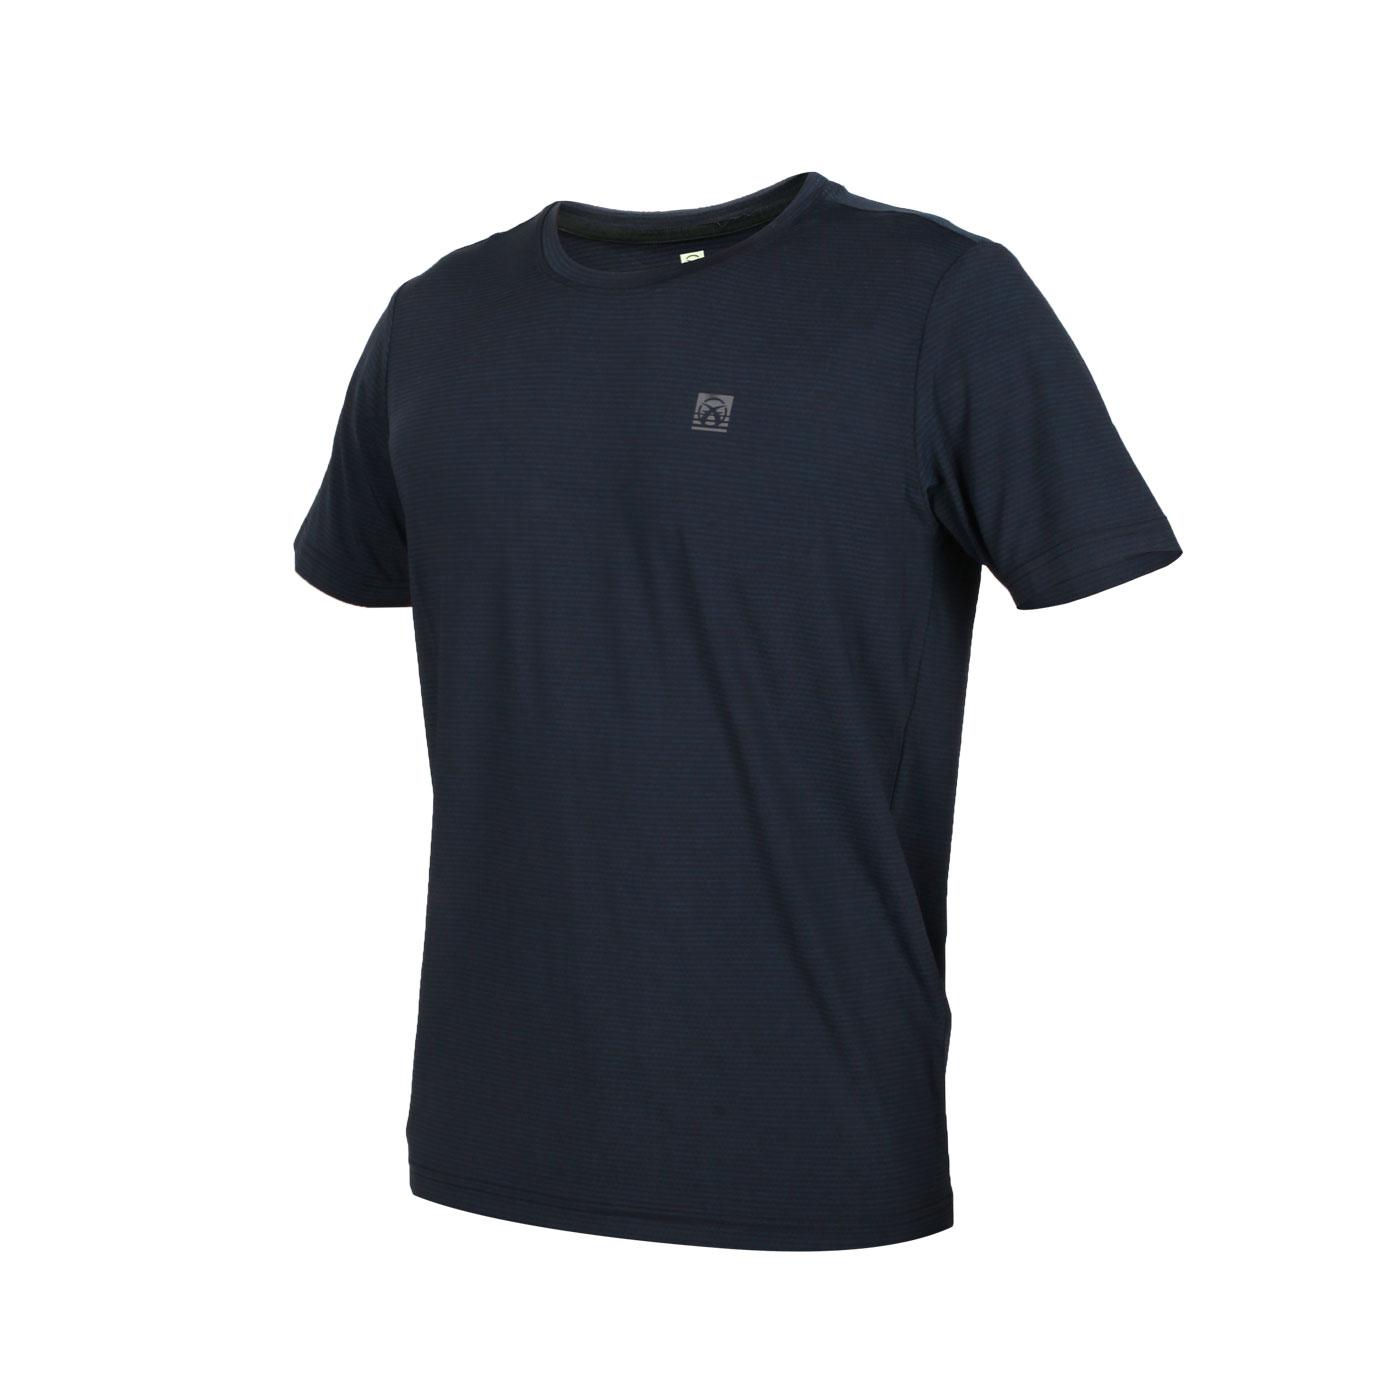 FIRESTAR 男款彈性圓領短袖T恤 D0530-18 - 條紋墨藍黑